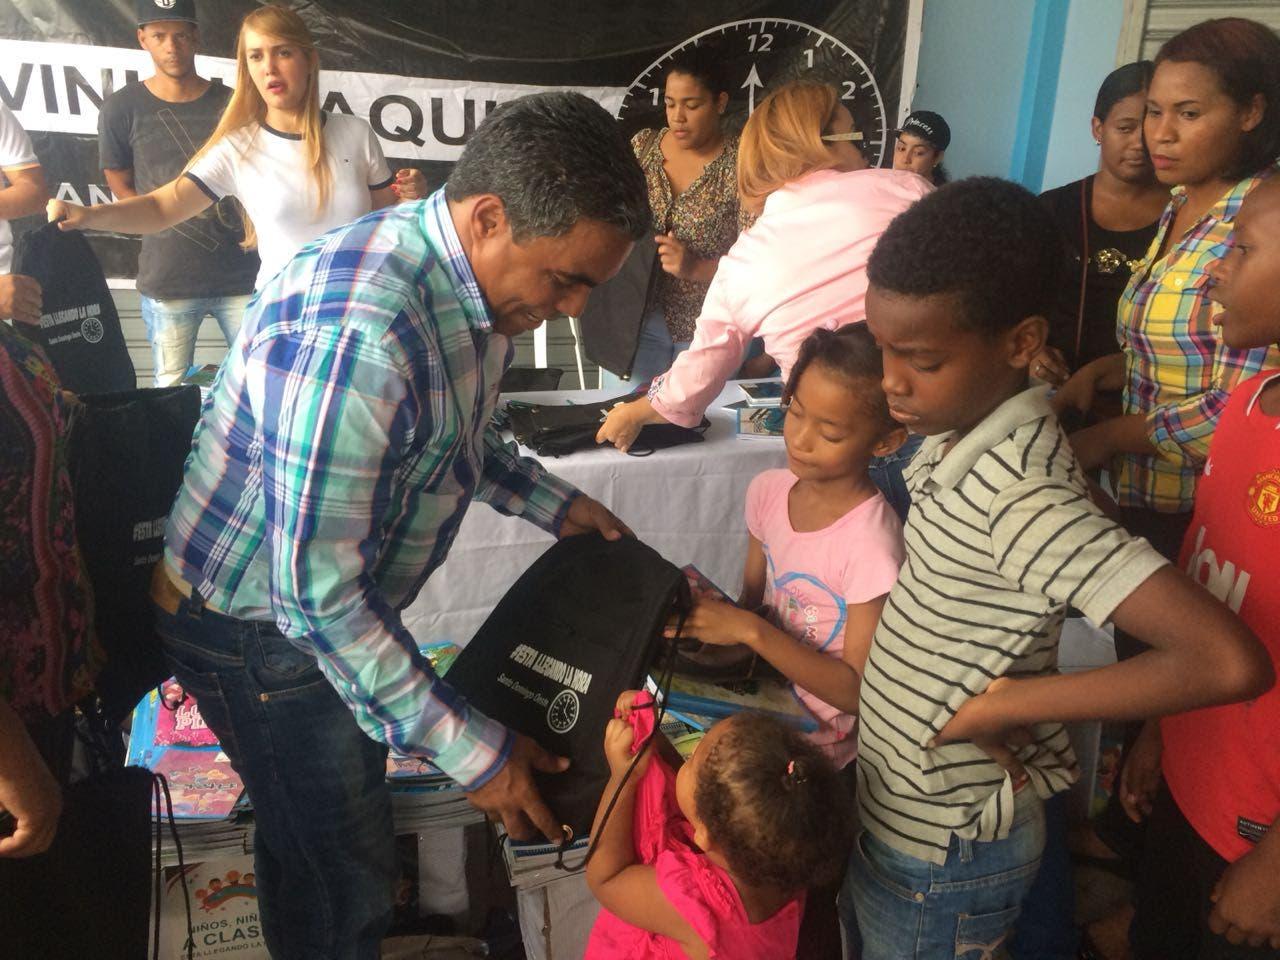 Dirigente comunitario entrega útiles escolares en SDO; dice apoyar la educación es tarea de todos